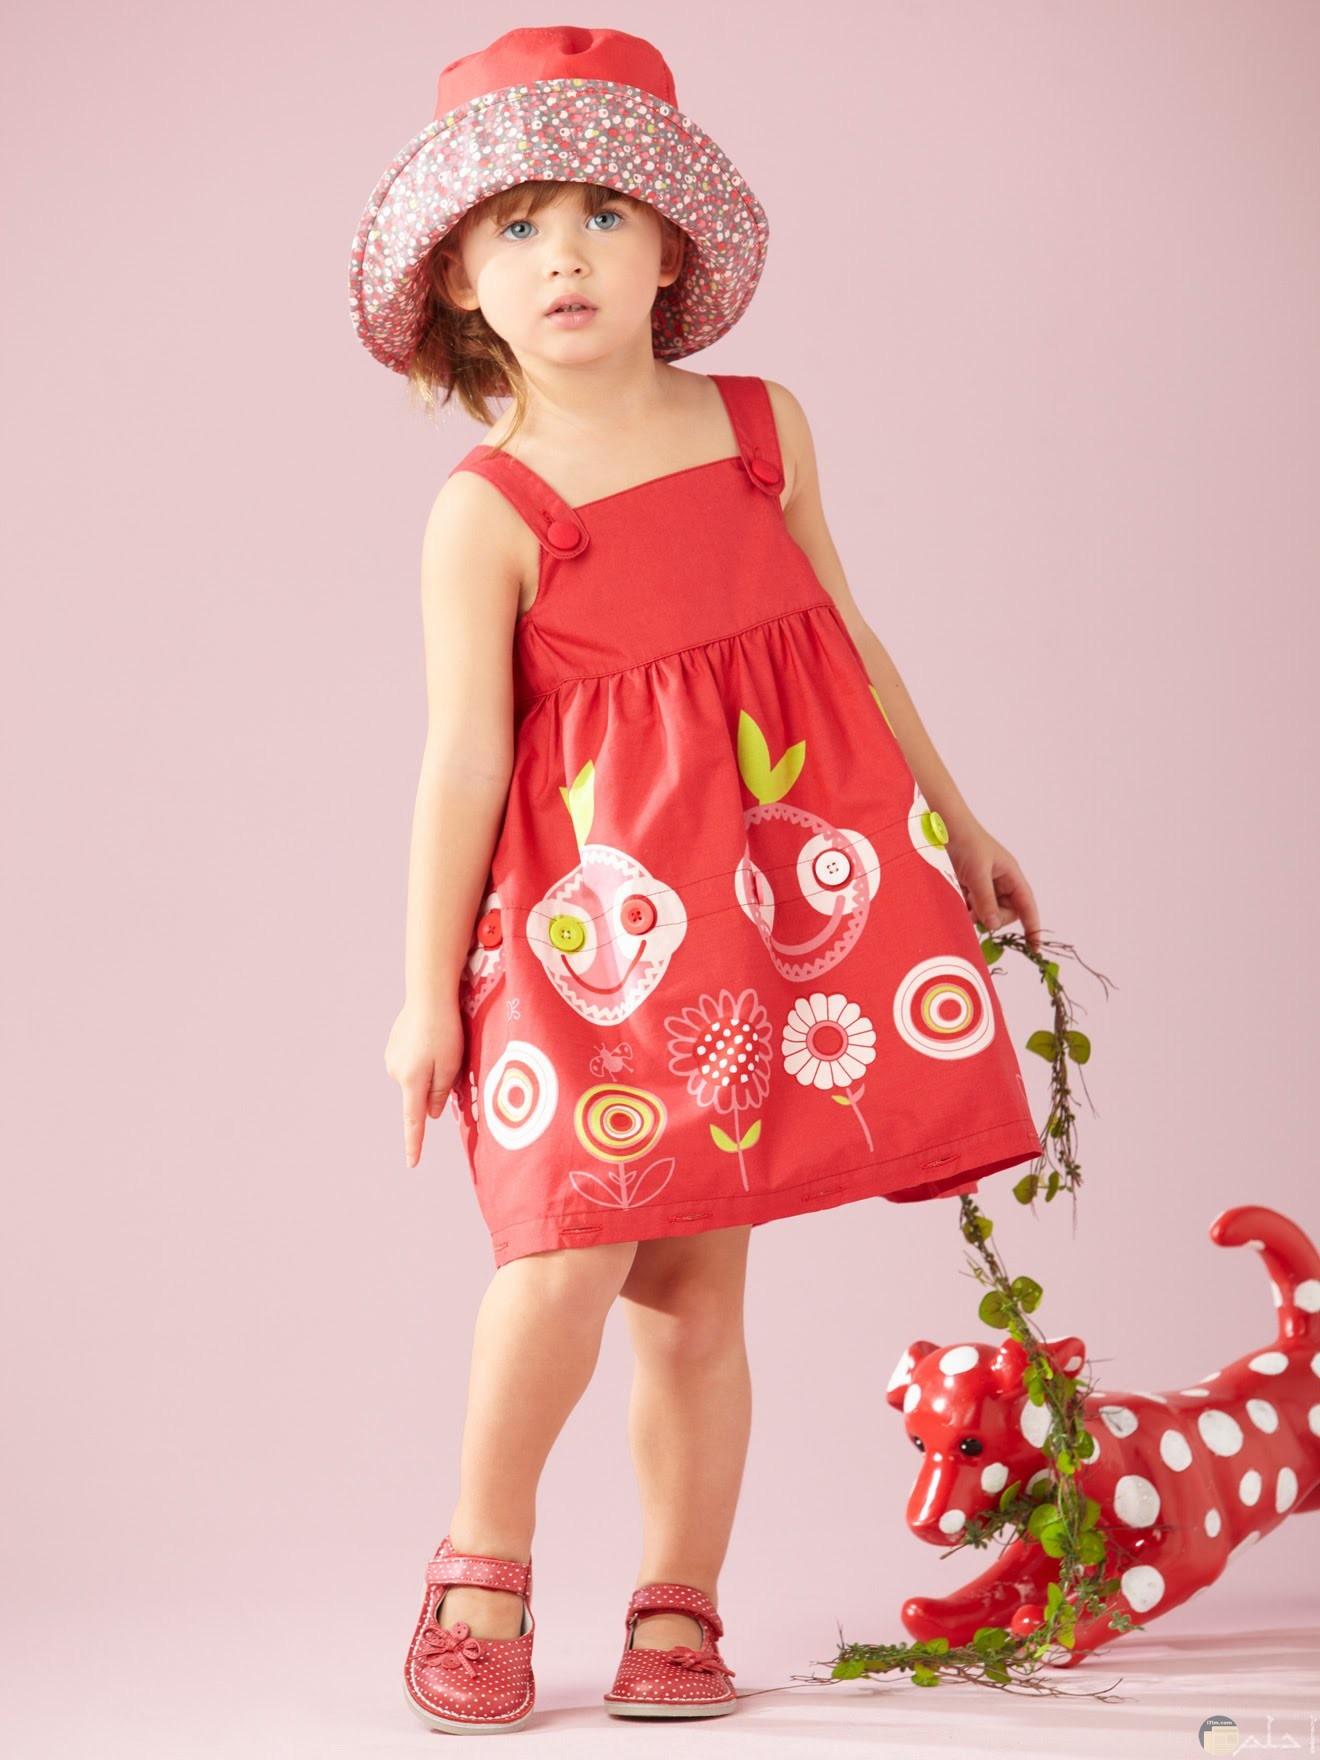 بنوته ترتدى فستان احمر وقبعه